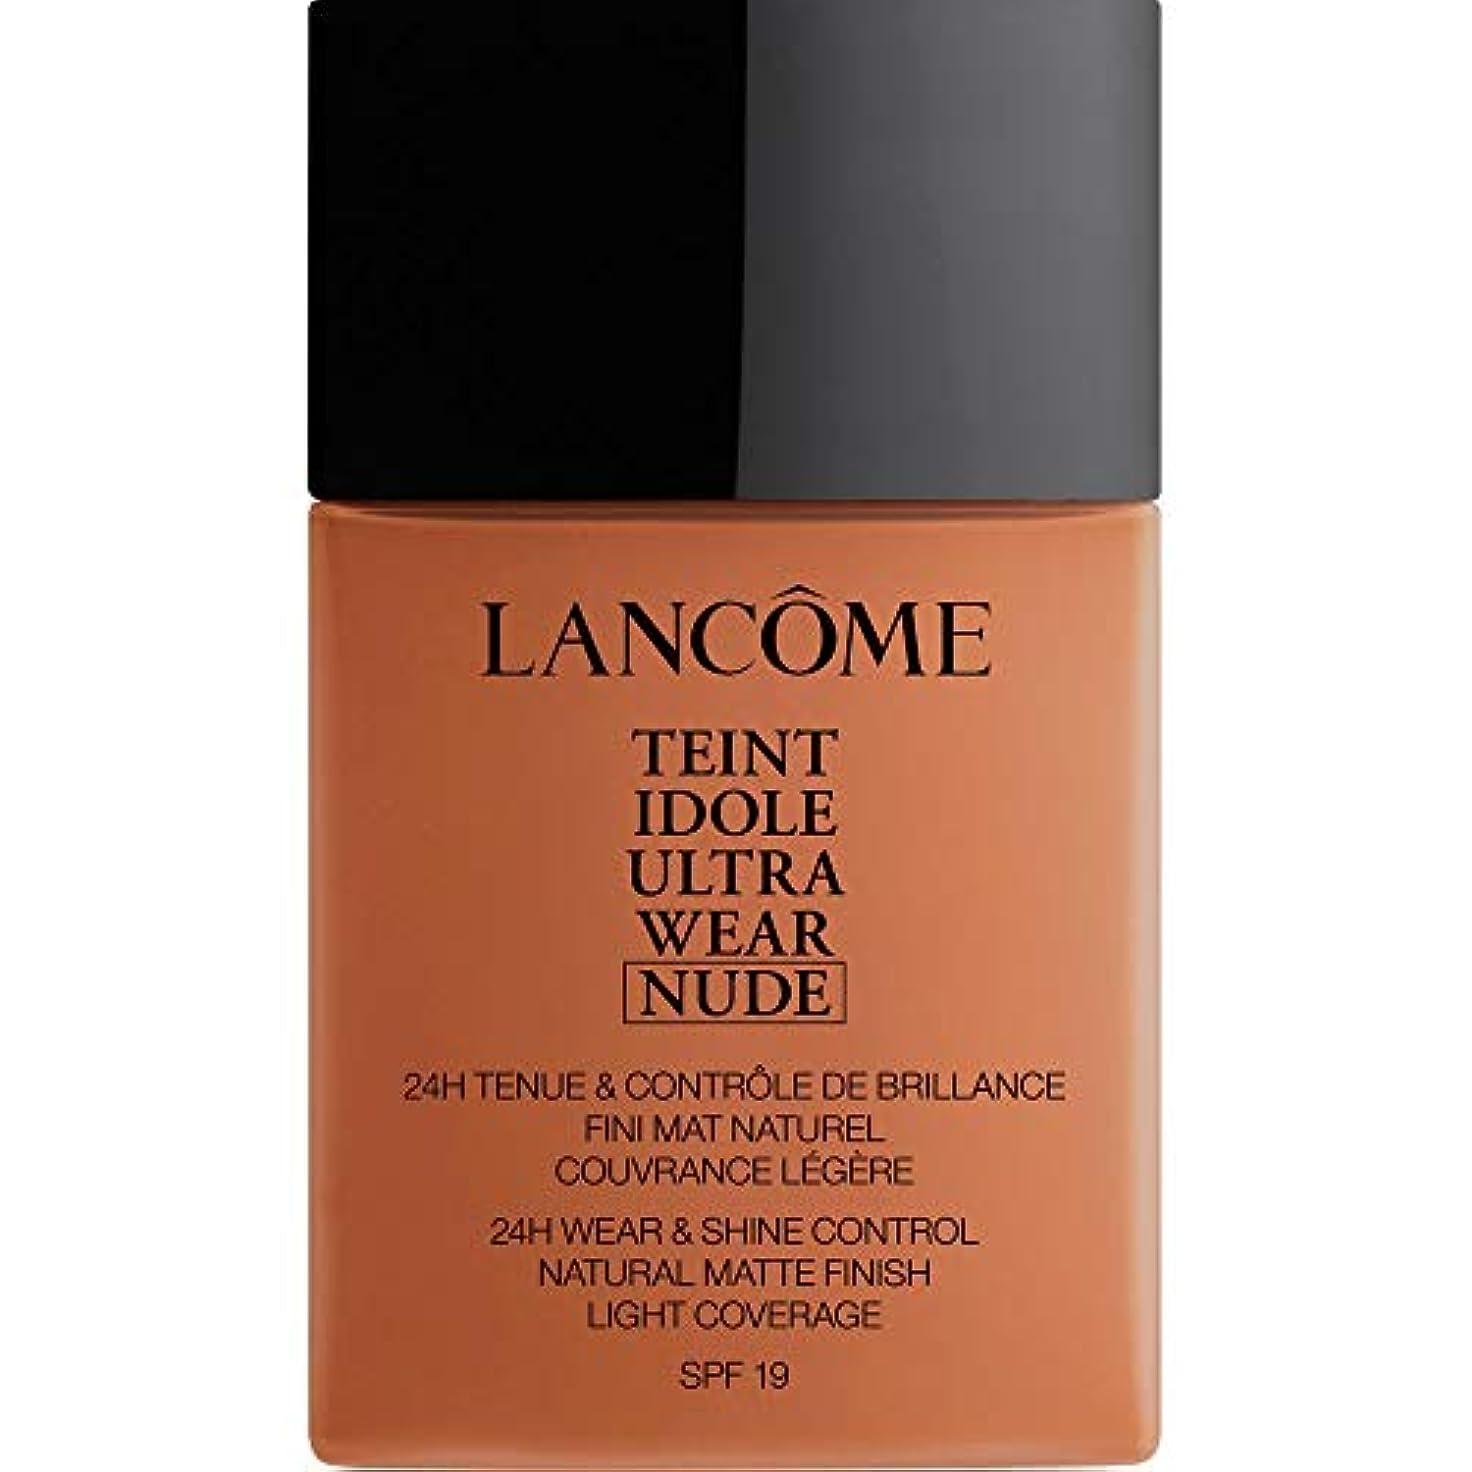 騒ぎ承認元気[Lanc?me ] アカジュー - ランコムTeintのIdoleは、超ヌード基礎Spf19の40ミリリットル10.1を着用します - Lancome Teint Idole Ultra Wear Nude Foundation...